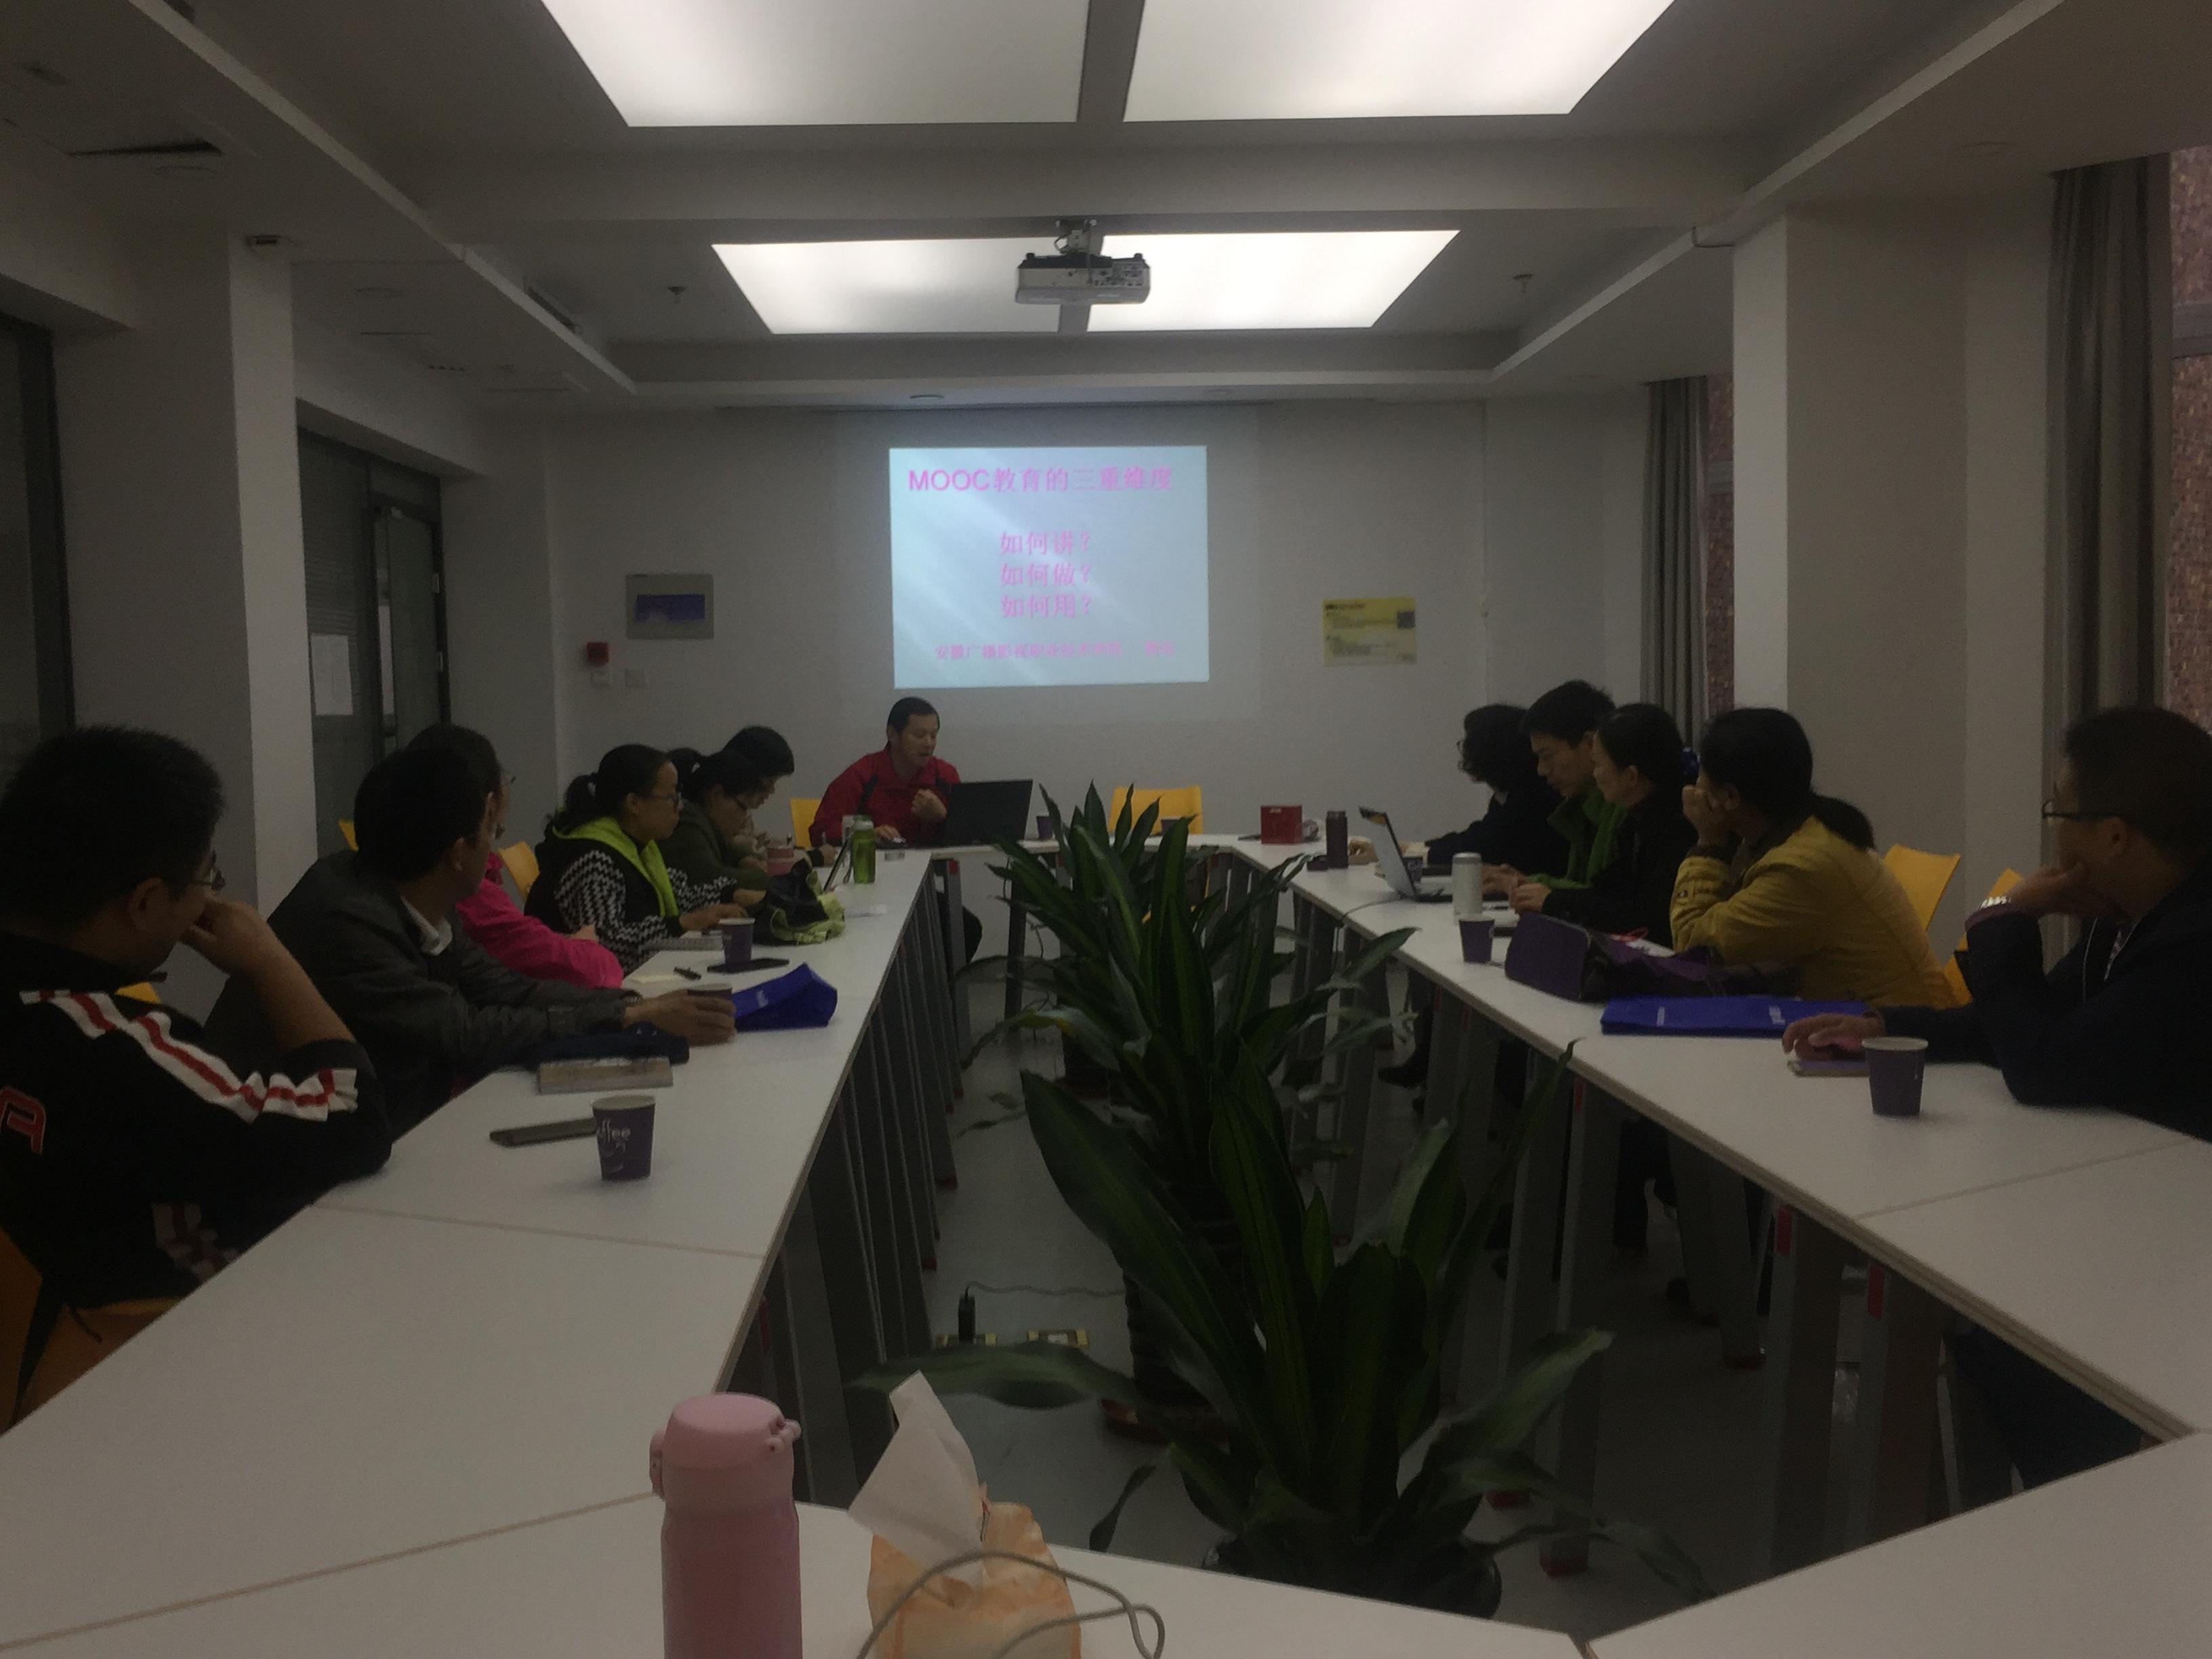 MOOC建设培训现场.jpg